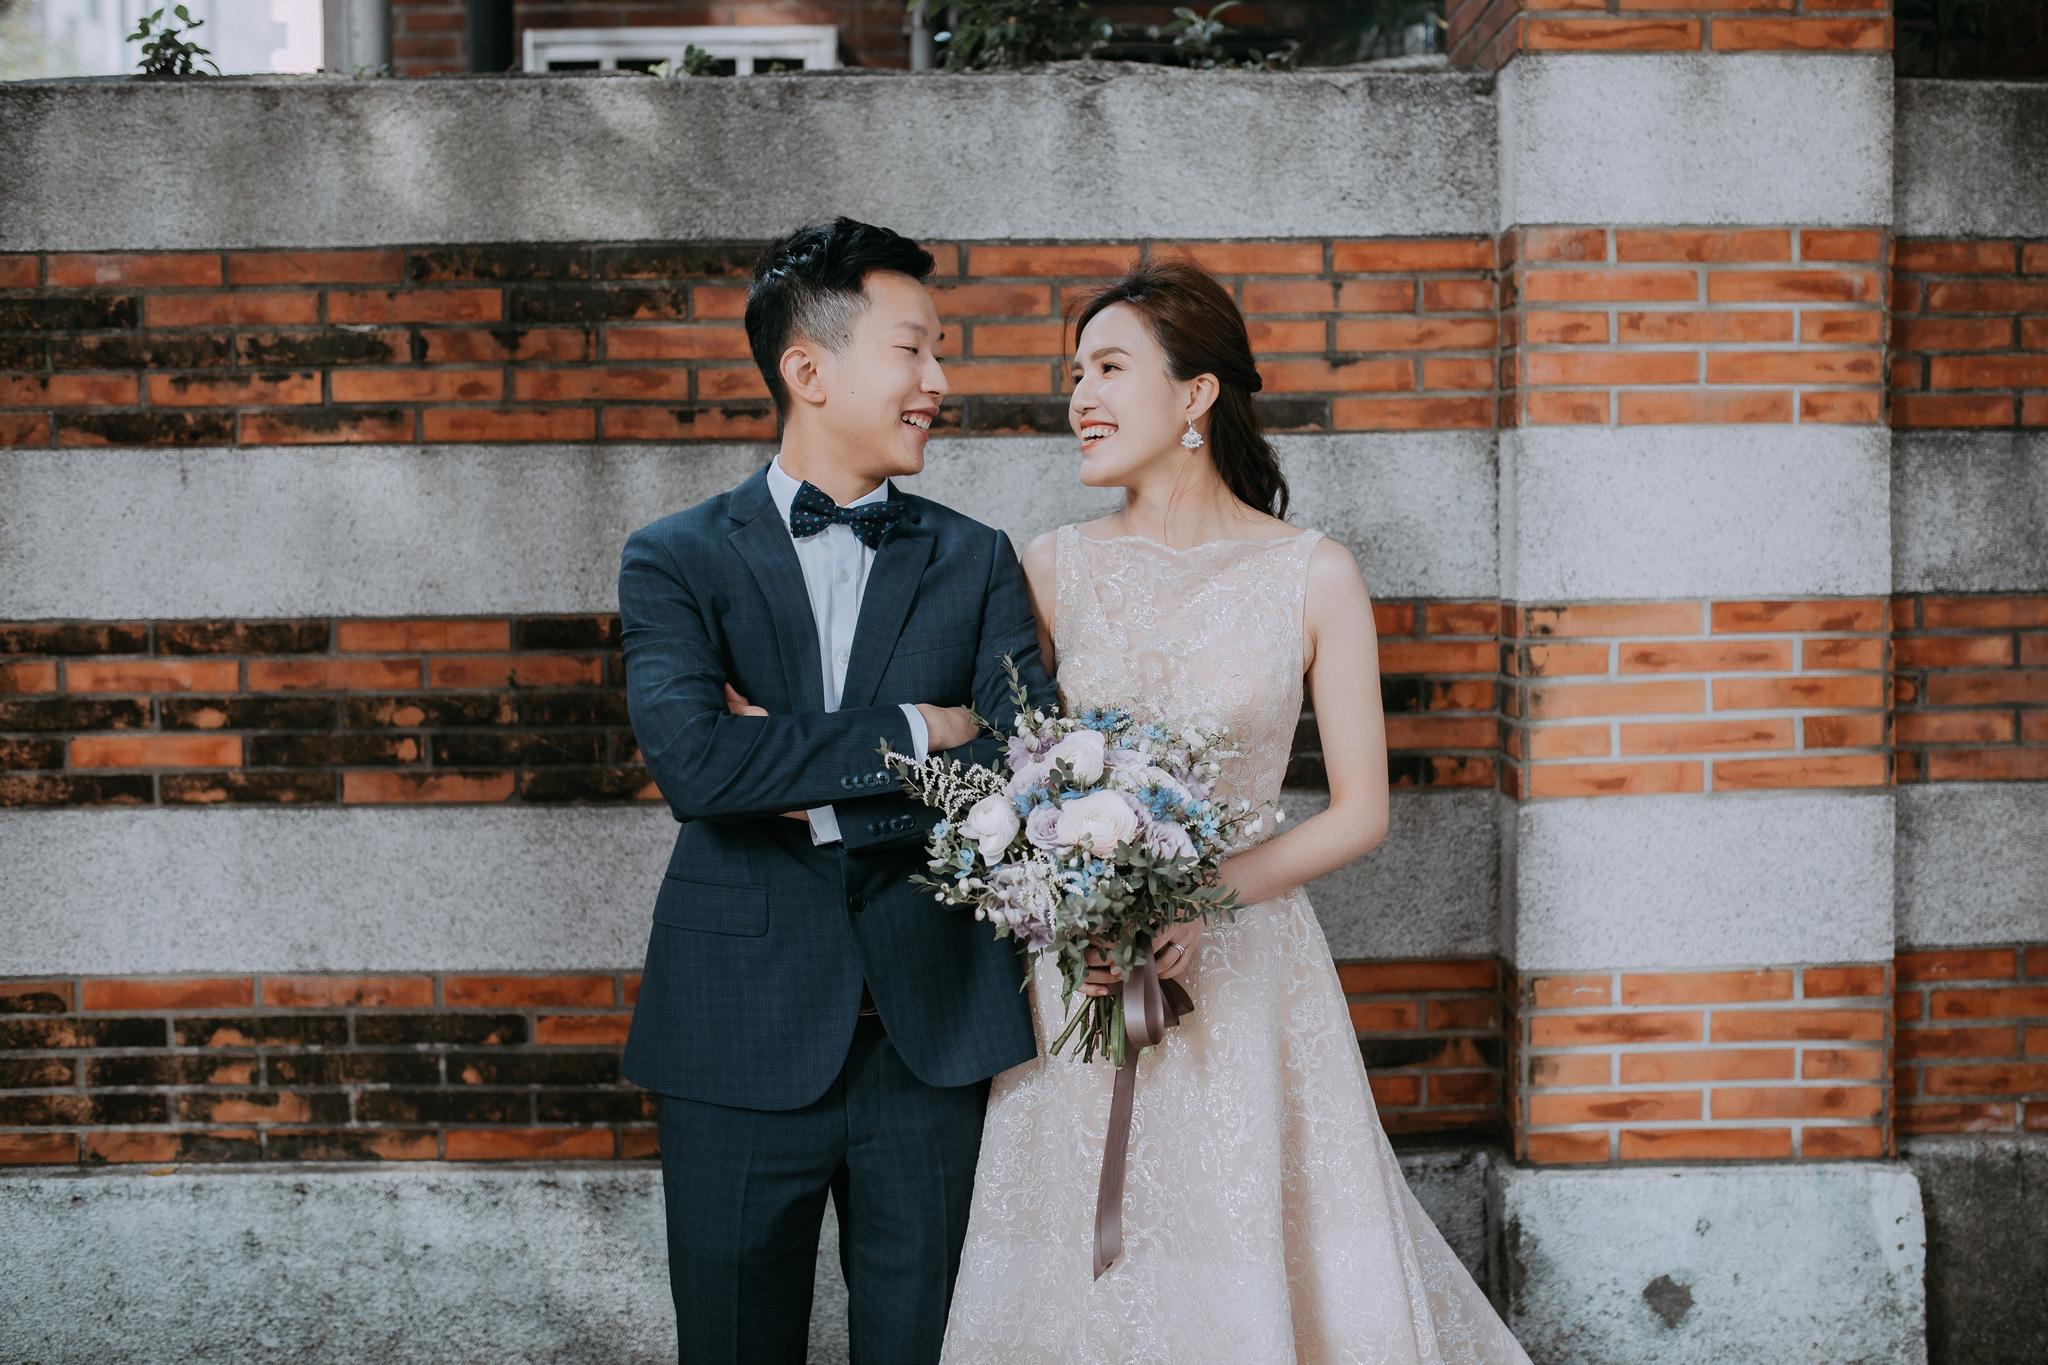 婚攝|Daniel.Yi-Tung @台北喜來登